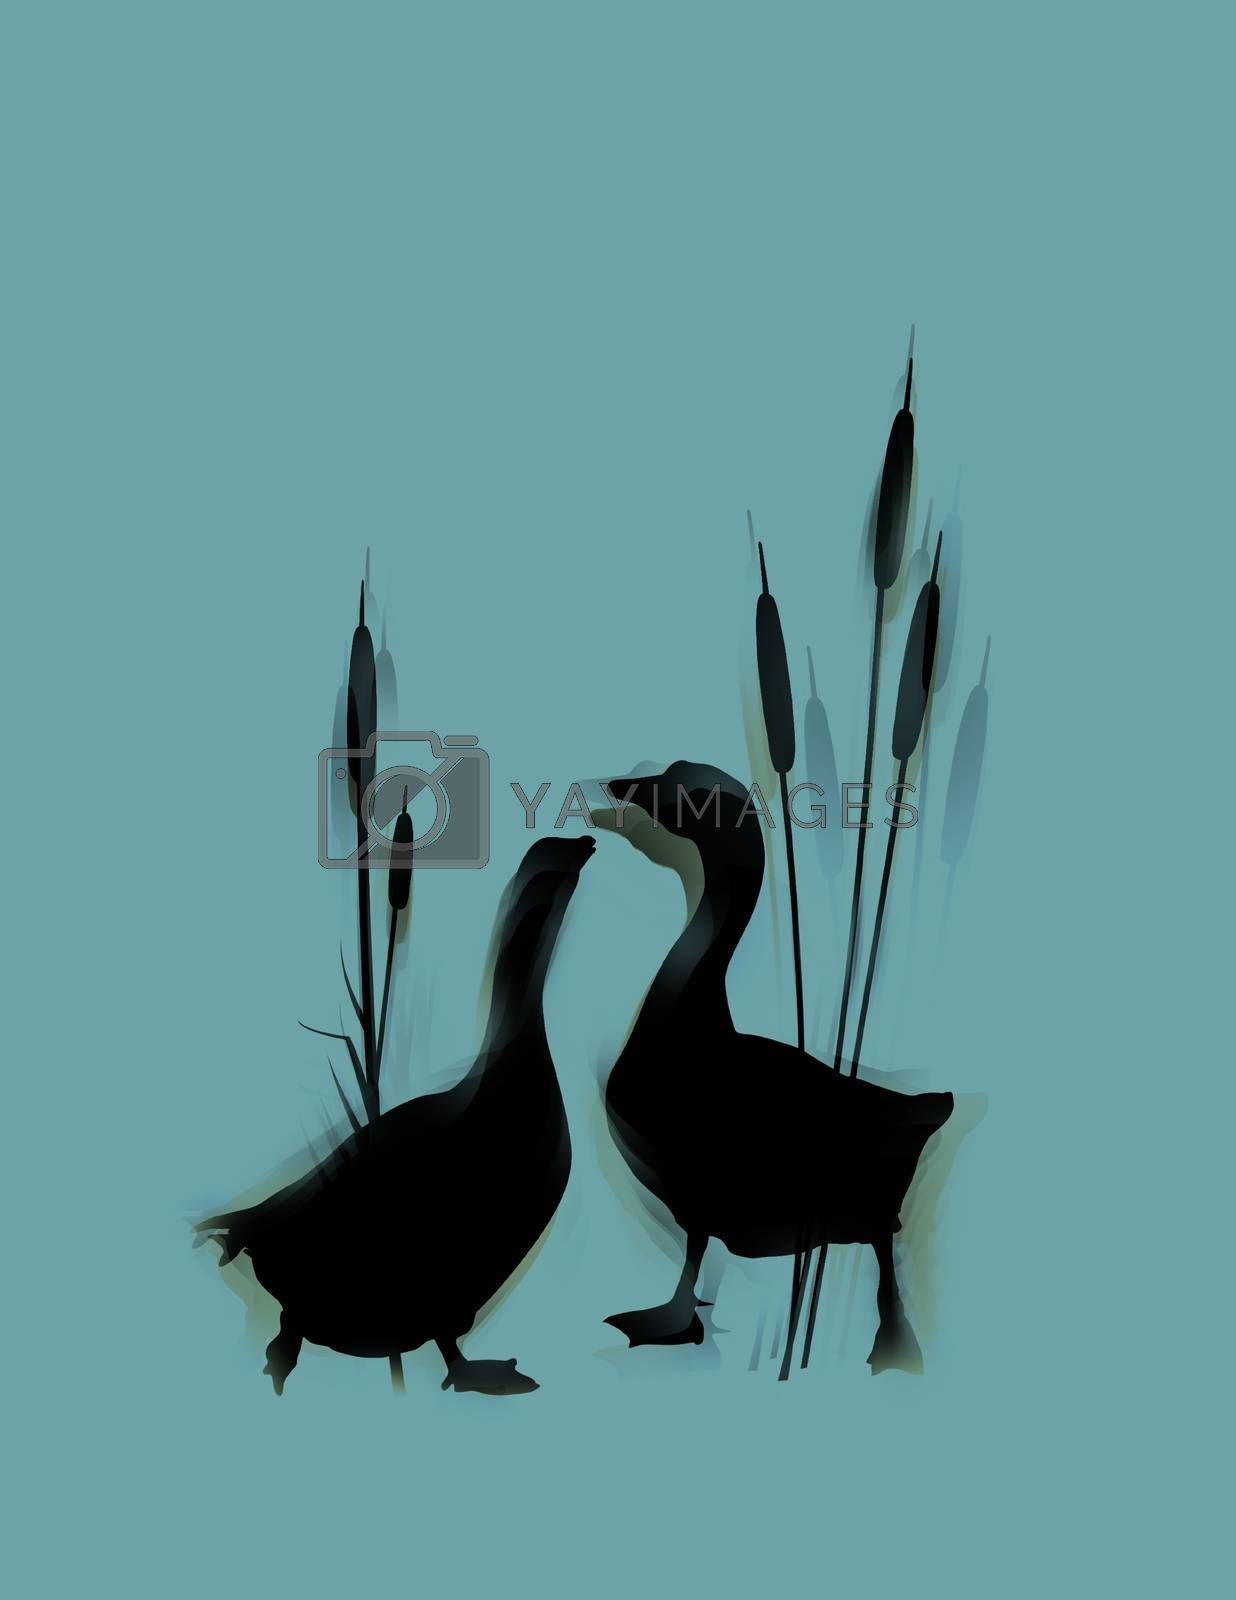 Romantic wildlife background with wild gooses couple